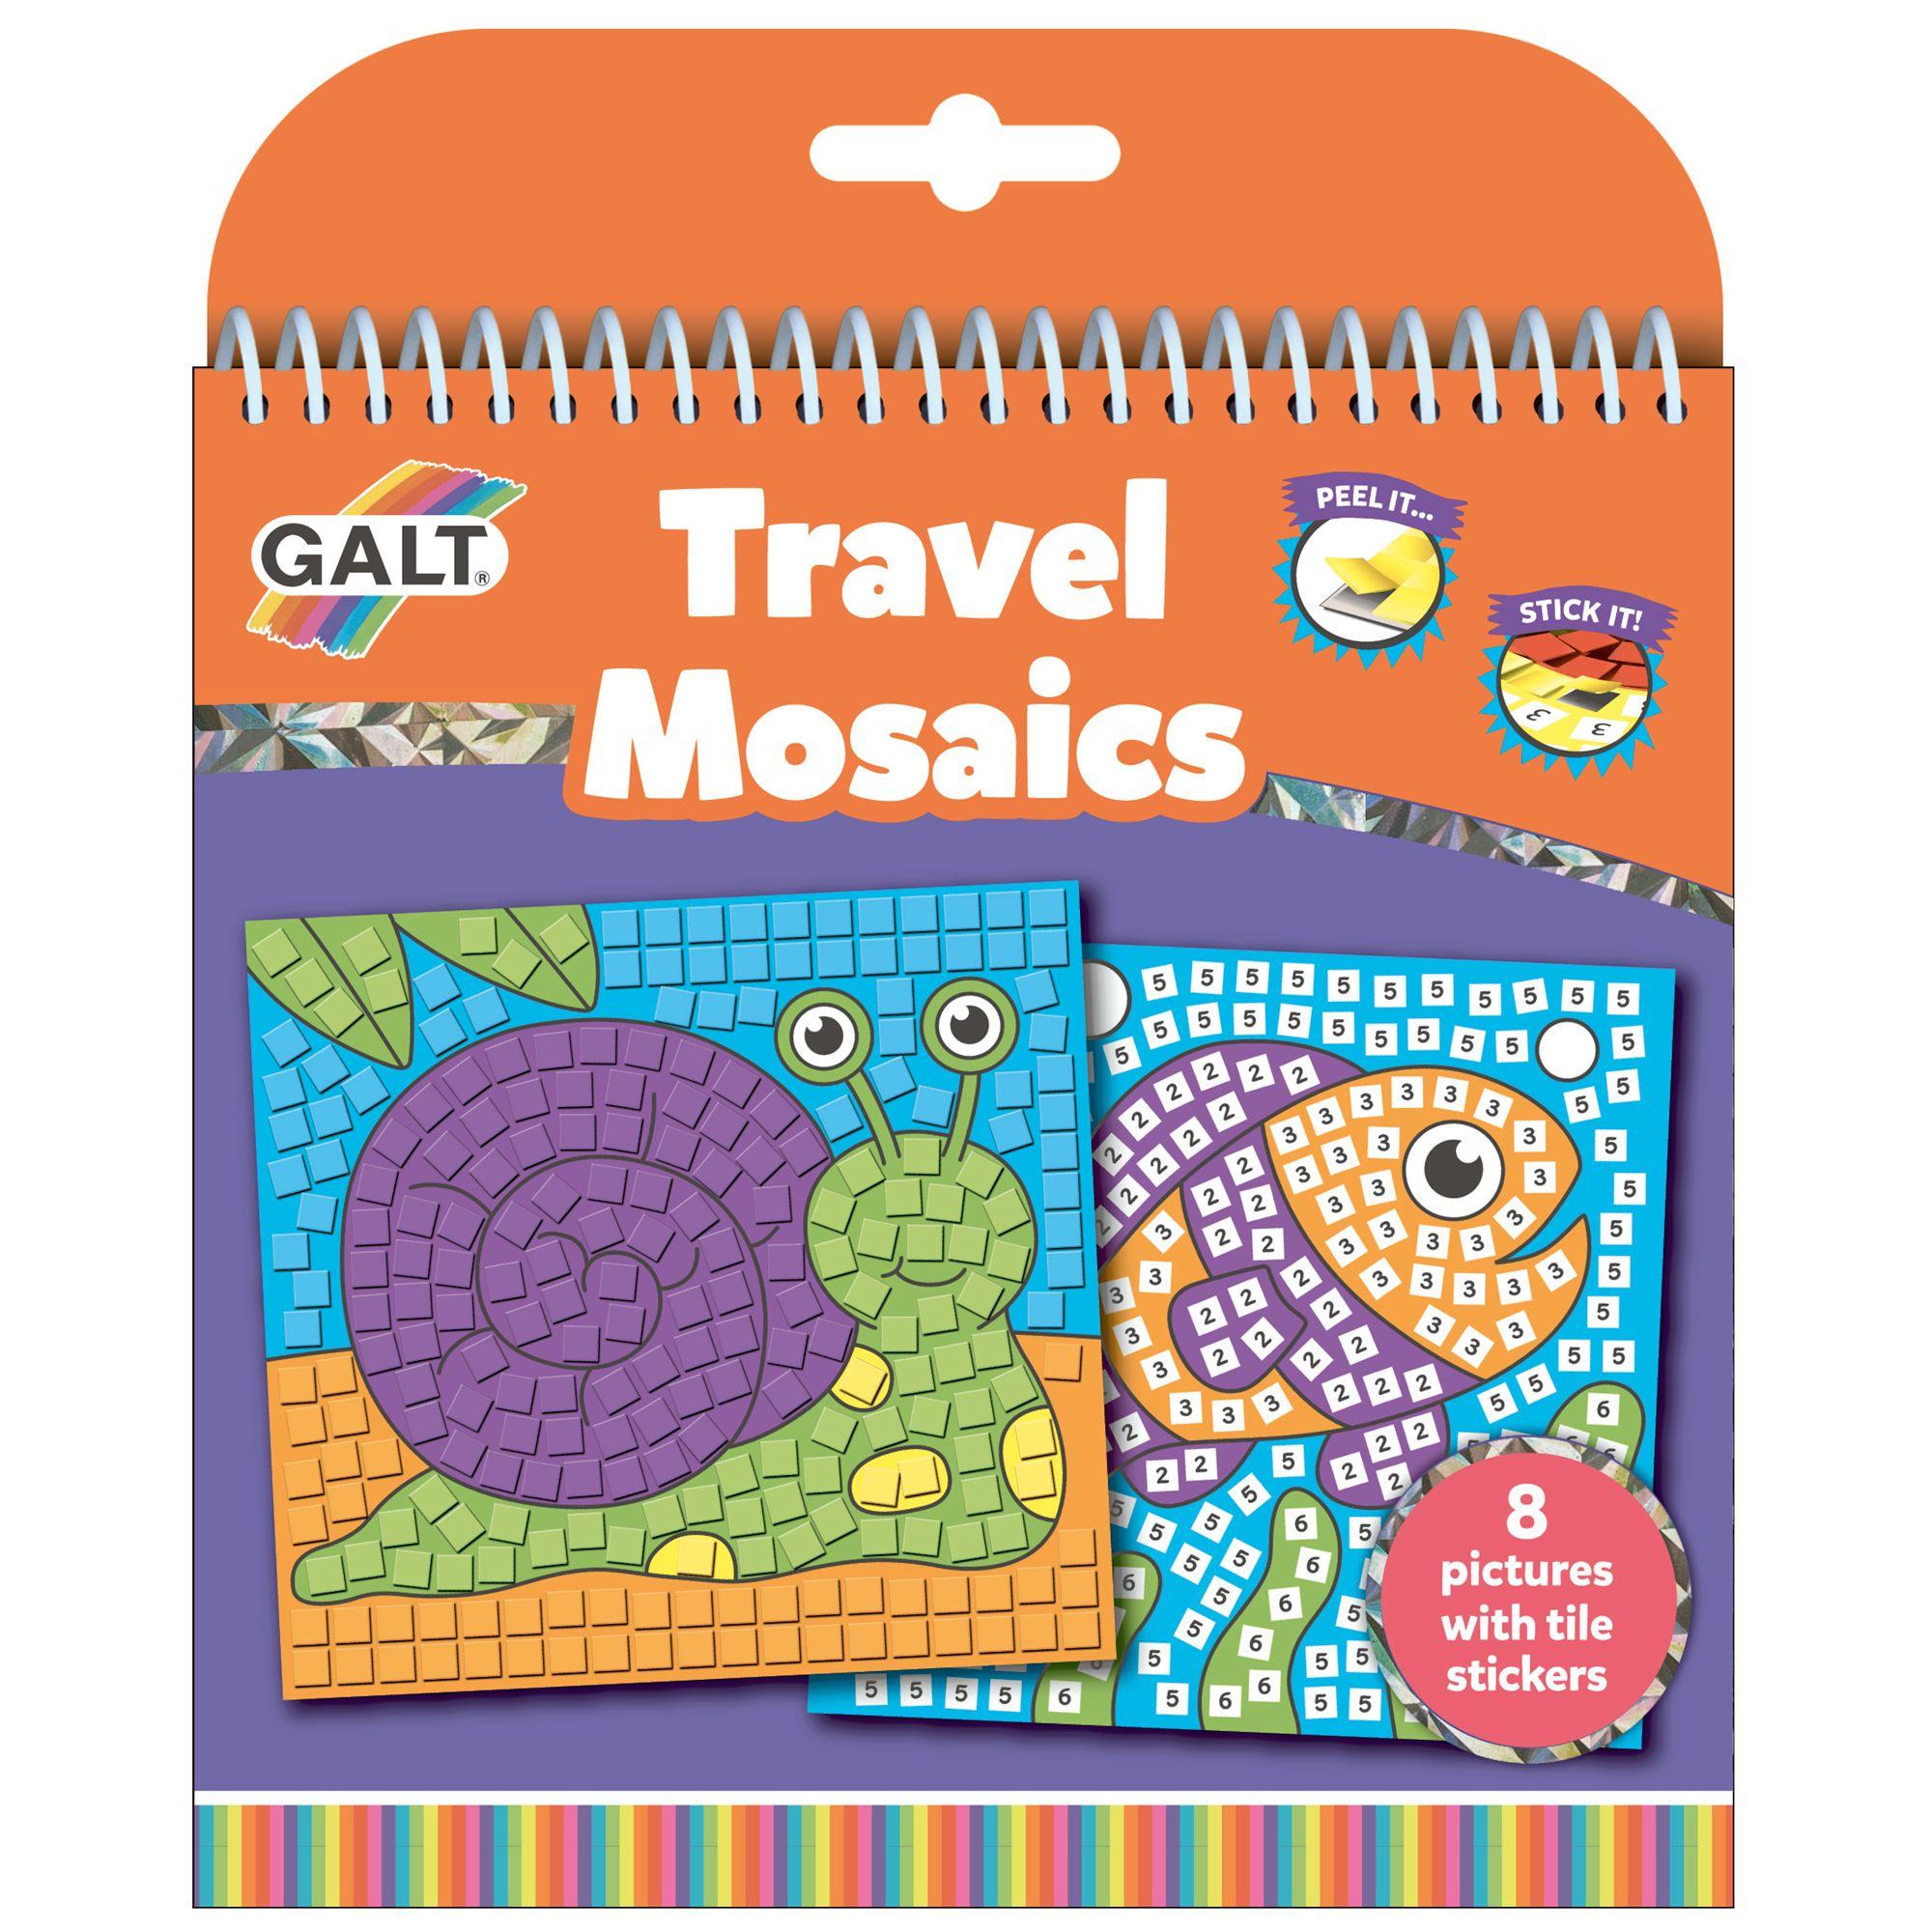 Galt Galt Travel Mosaics